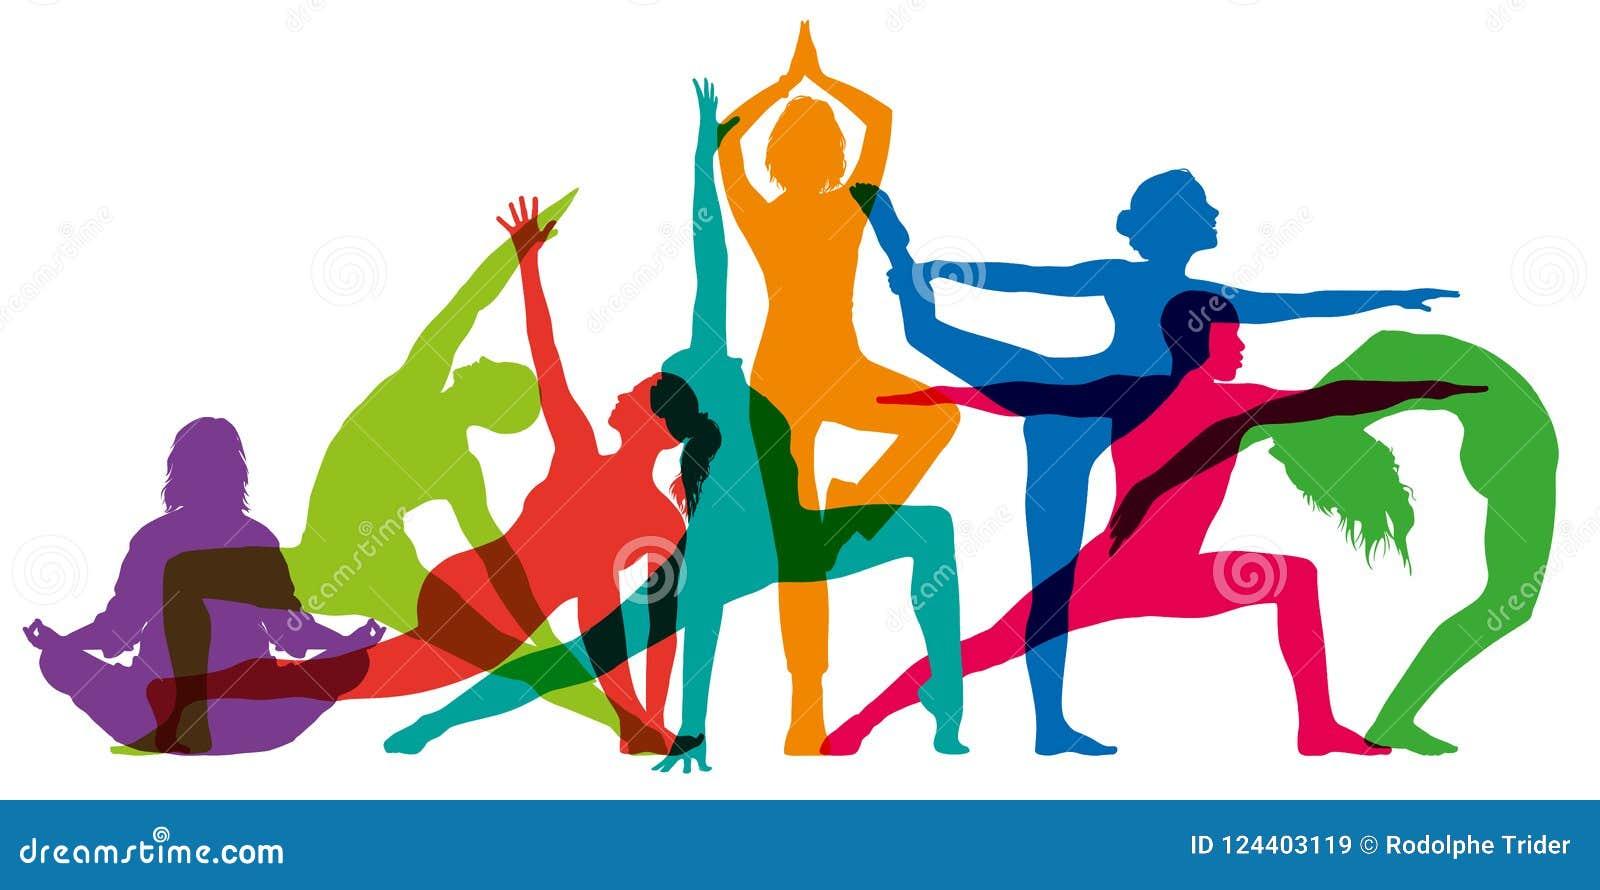 Ensemble de silhouettes femelles colorées illustrant des positions de yoga